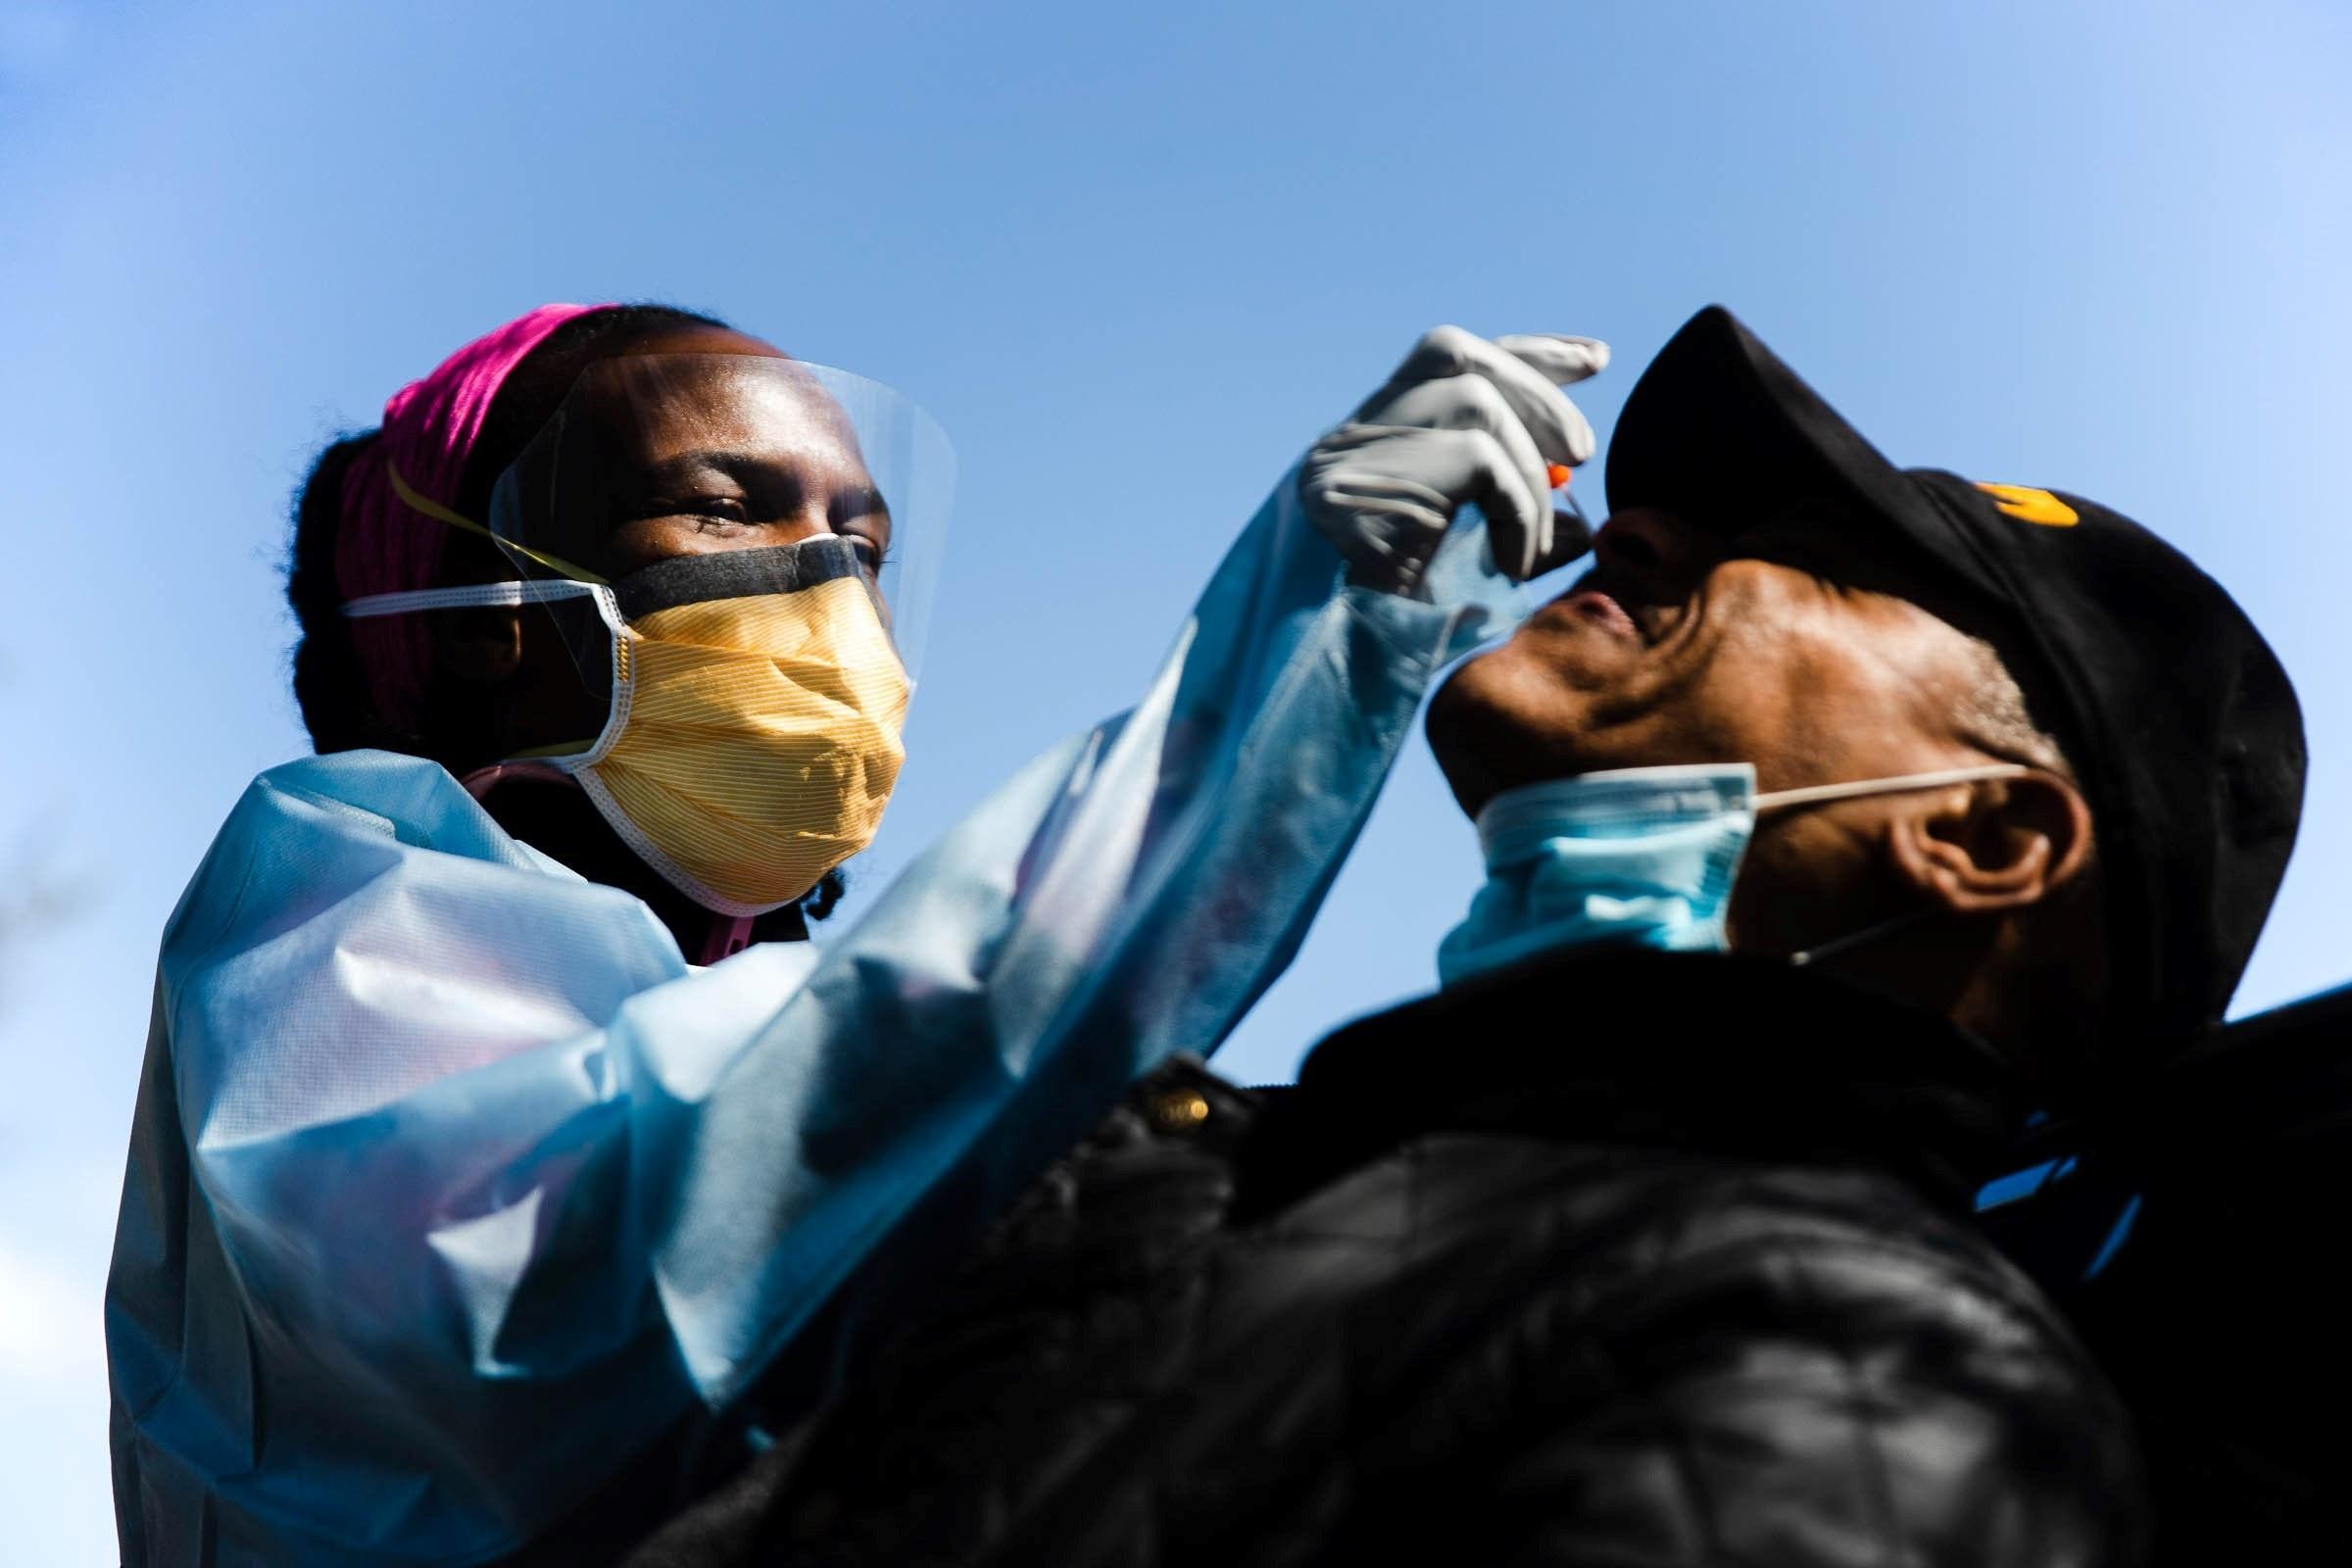 سي دي سي: تلقى 5,4% من الأميركيين الأفارقة الجرعة الأولى من لقاحين مرخّص لهما في البلاد